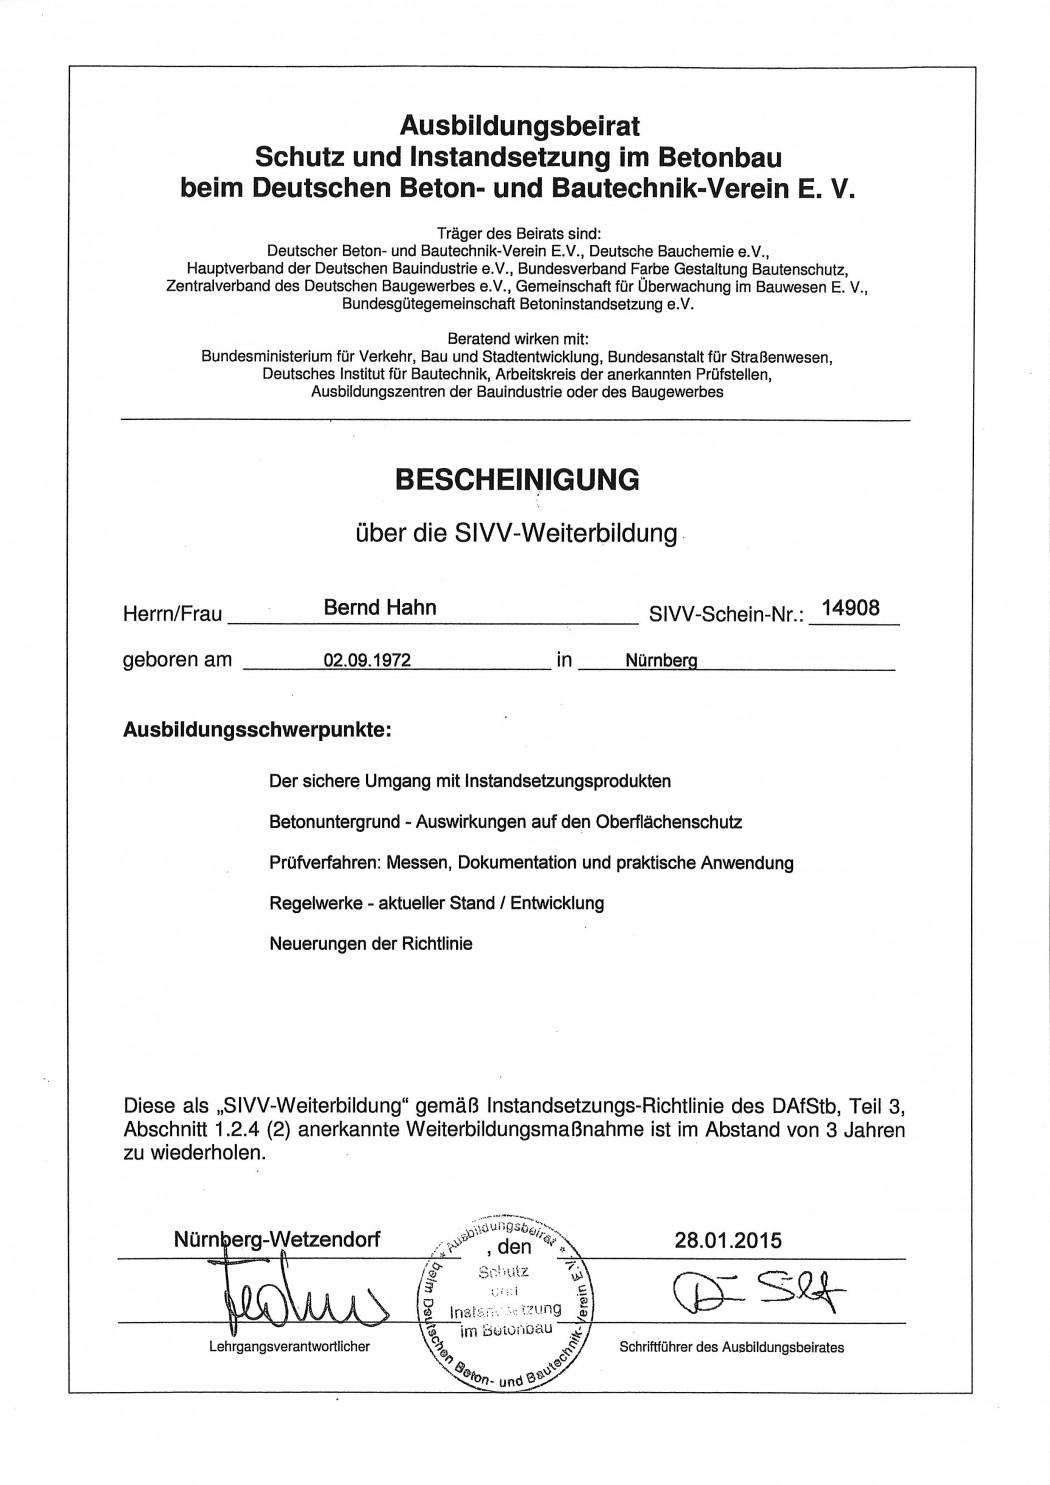 SIVV-Weiterbildung_2015_01_28